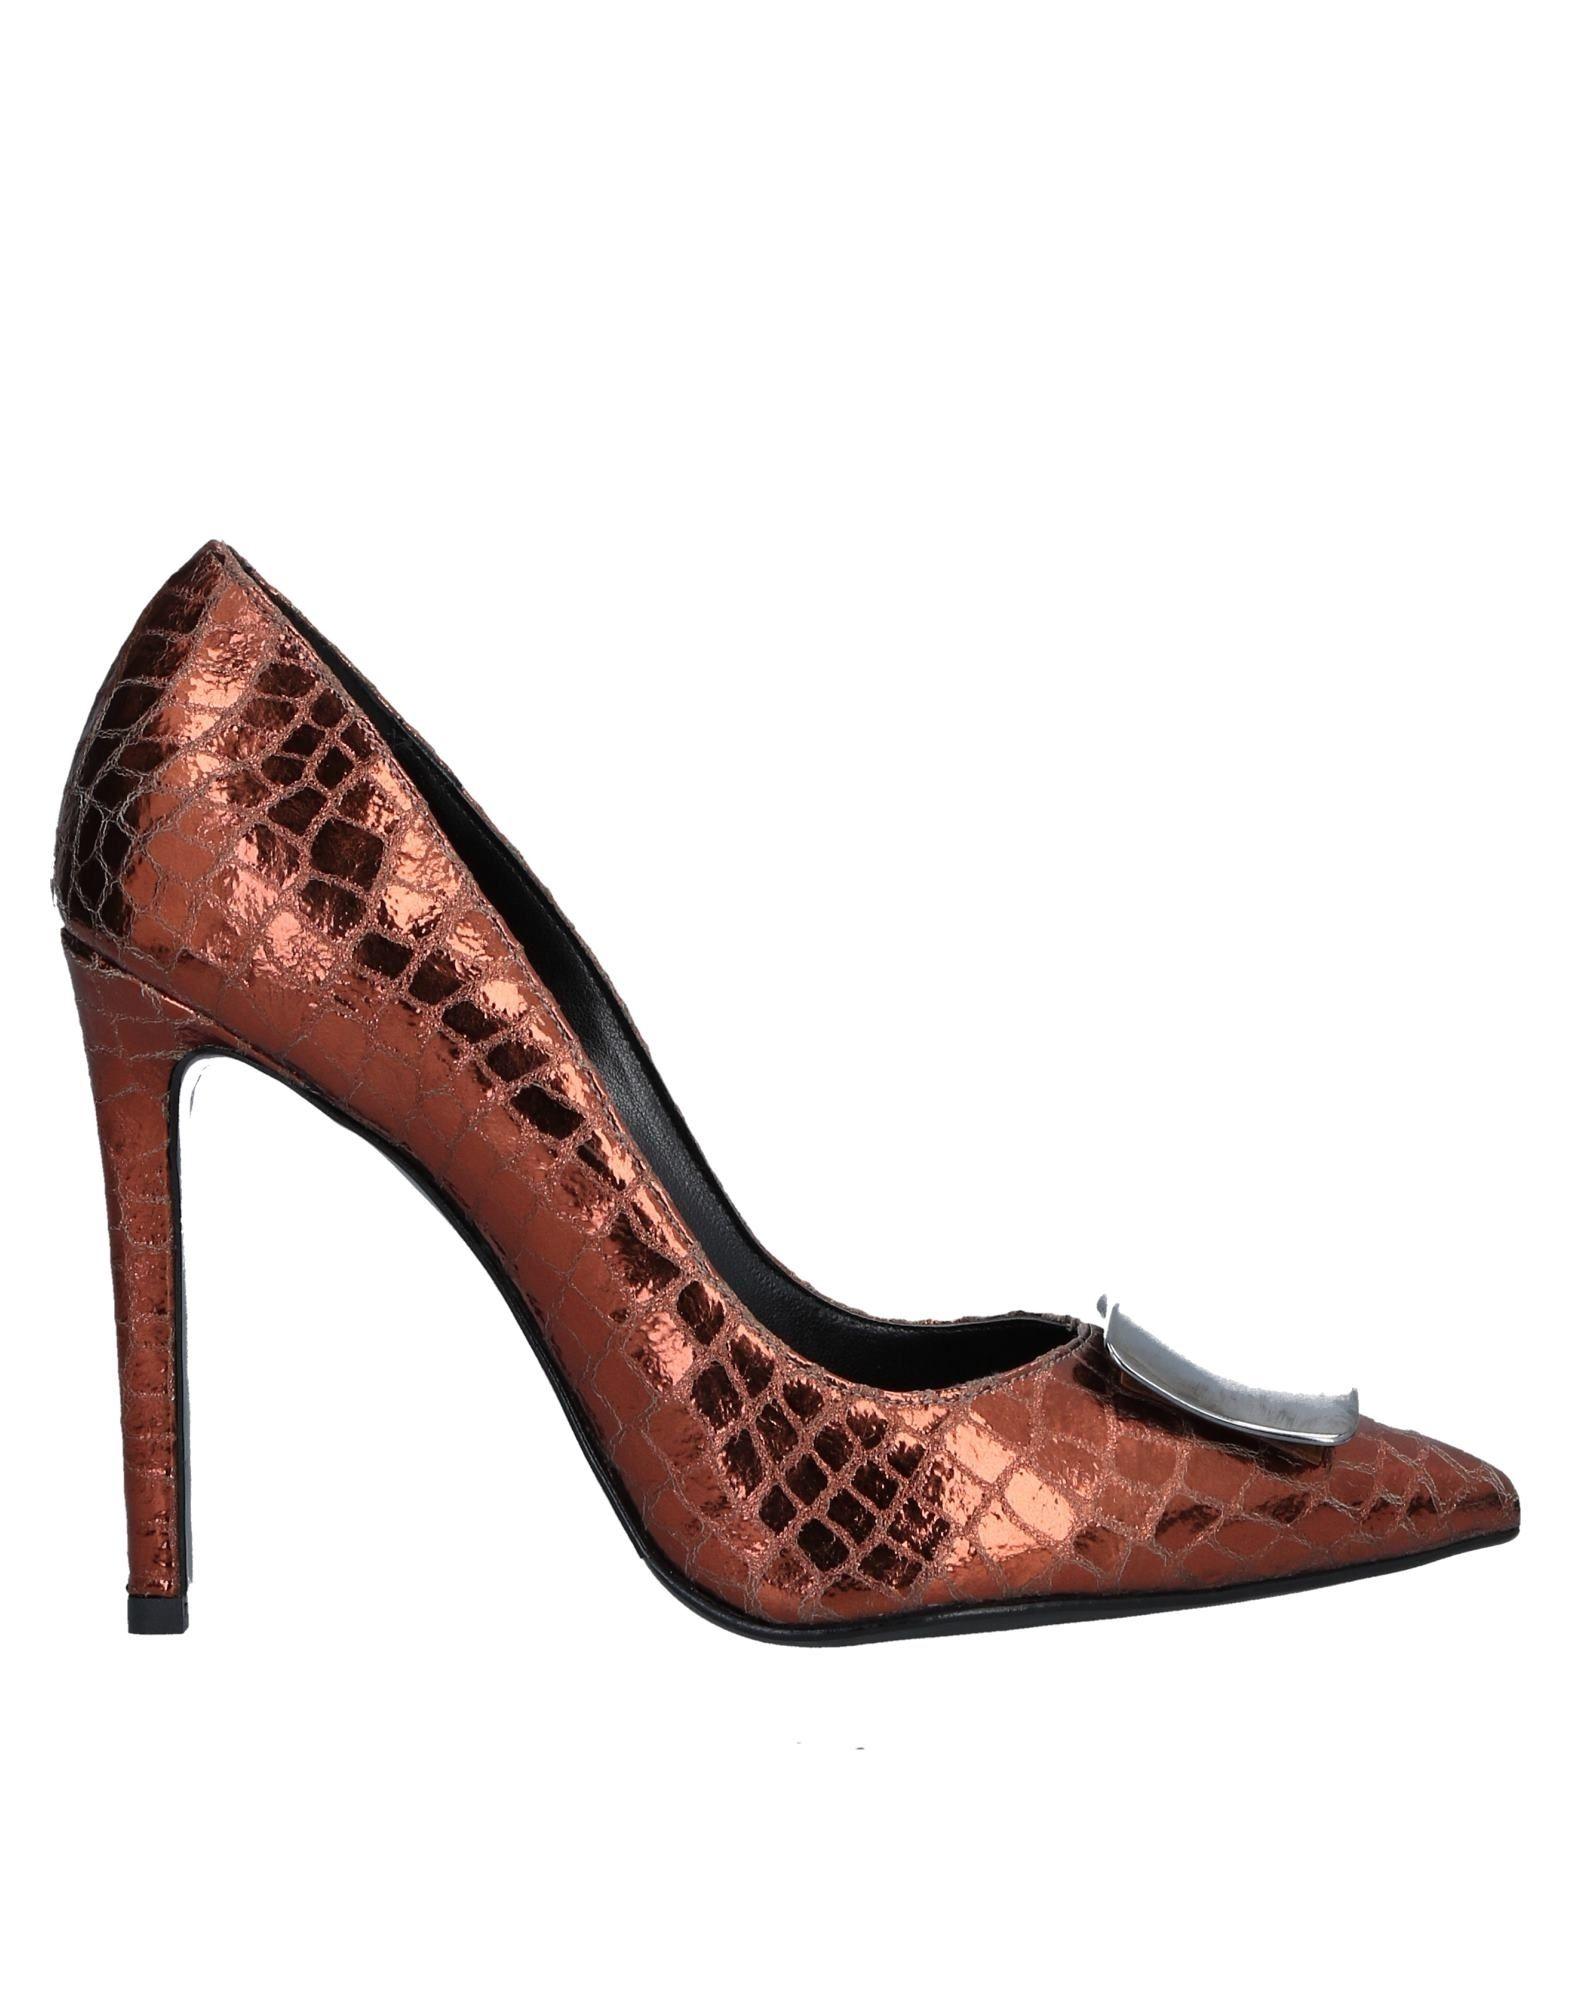 Zapatos casuales salvajes Zapato De Salón Gianni Marra Mujer - Salones Salones - Gianni Marra  Cobre 0b7205